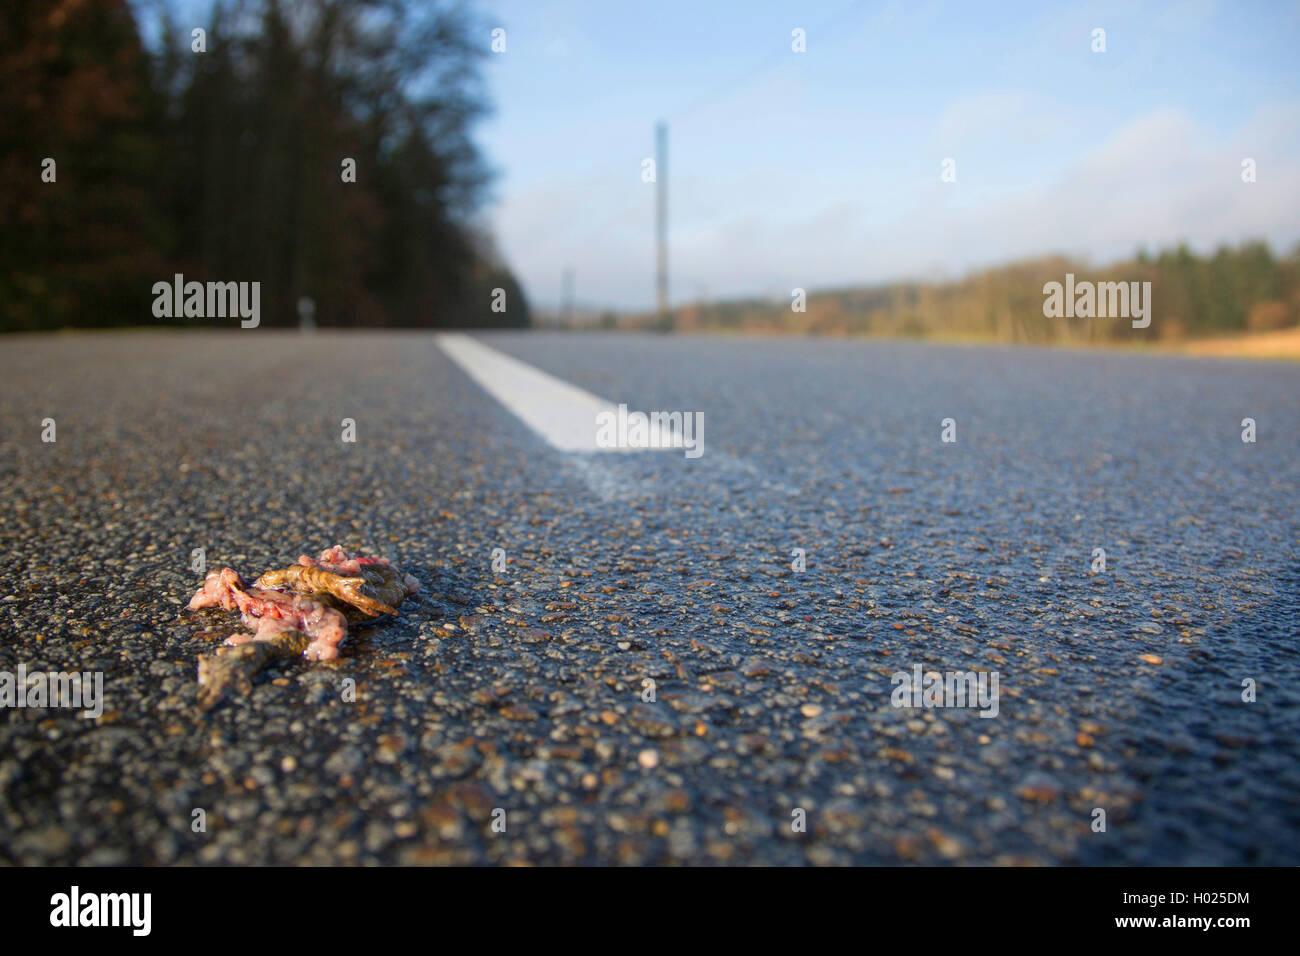 Erdkroete, Erd-Kroete (Bufo bufo), ueberfahren auf Strasse, Deutschland, Bayern, Niederbayern | European common Stock Photo